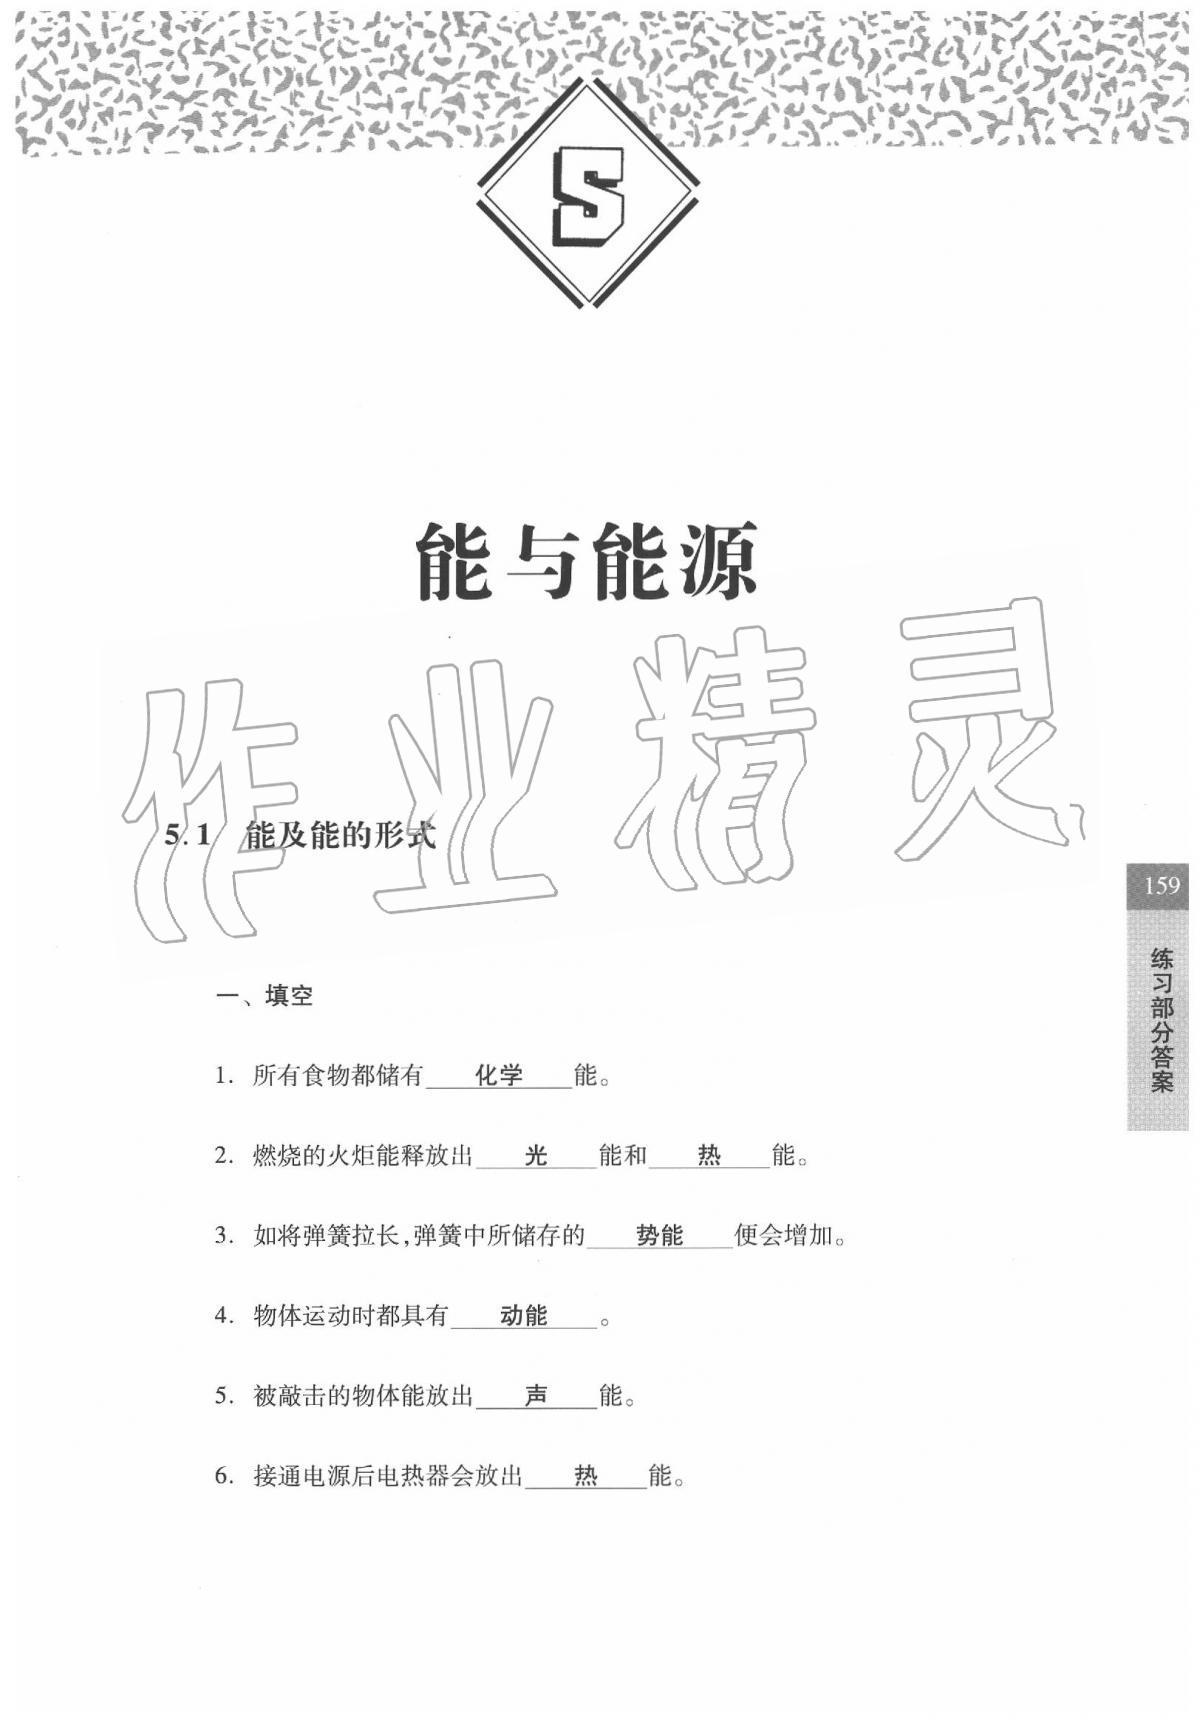 2020年科学练习部分六年级第二学期牛津上海版参考答案第1页